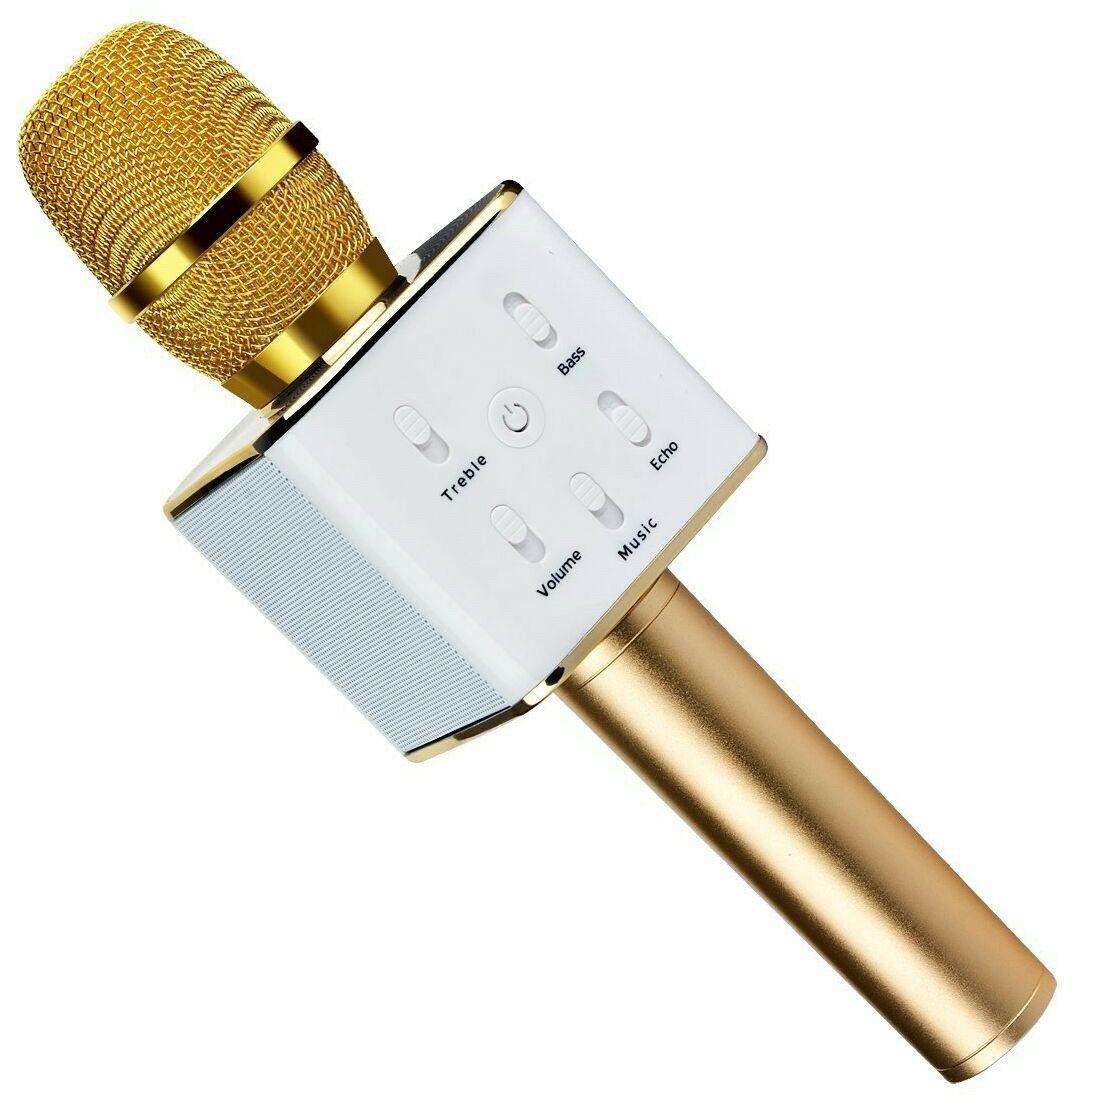 Karaoke Microphone Wireless by MicTune 2 In 1 Built-in Bluetooth